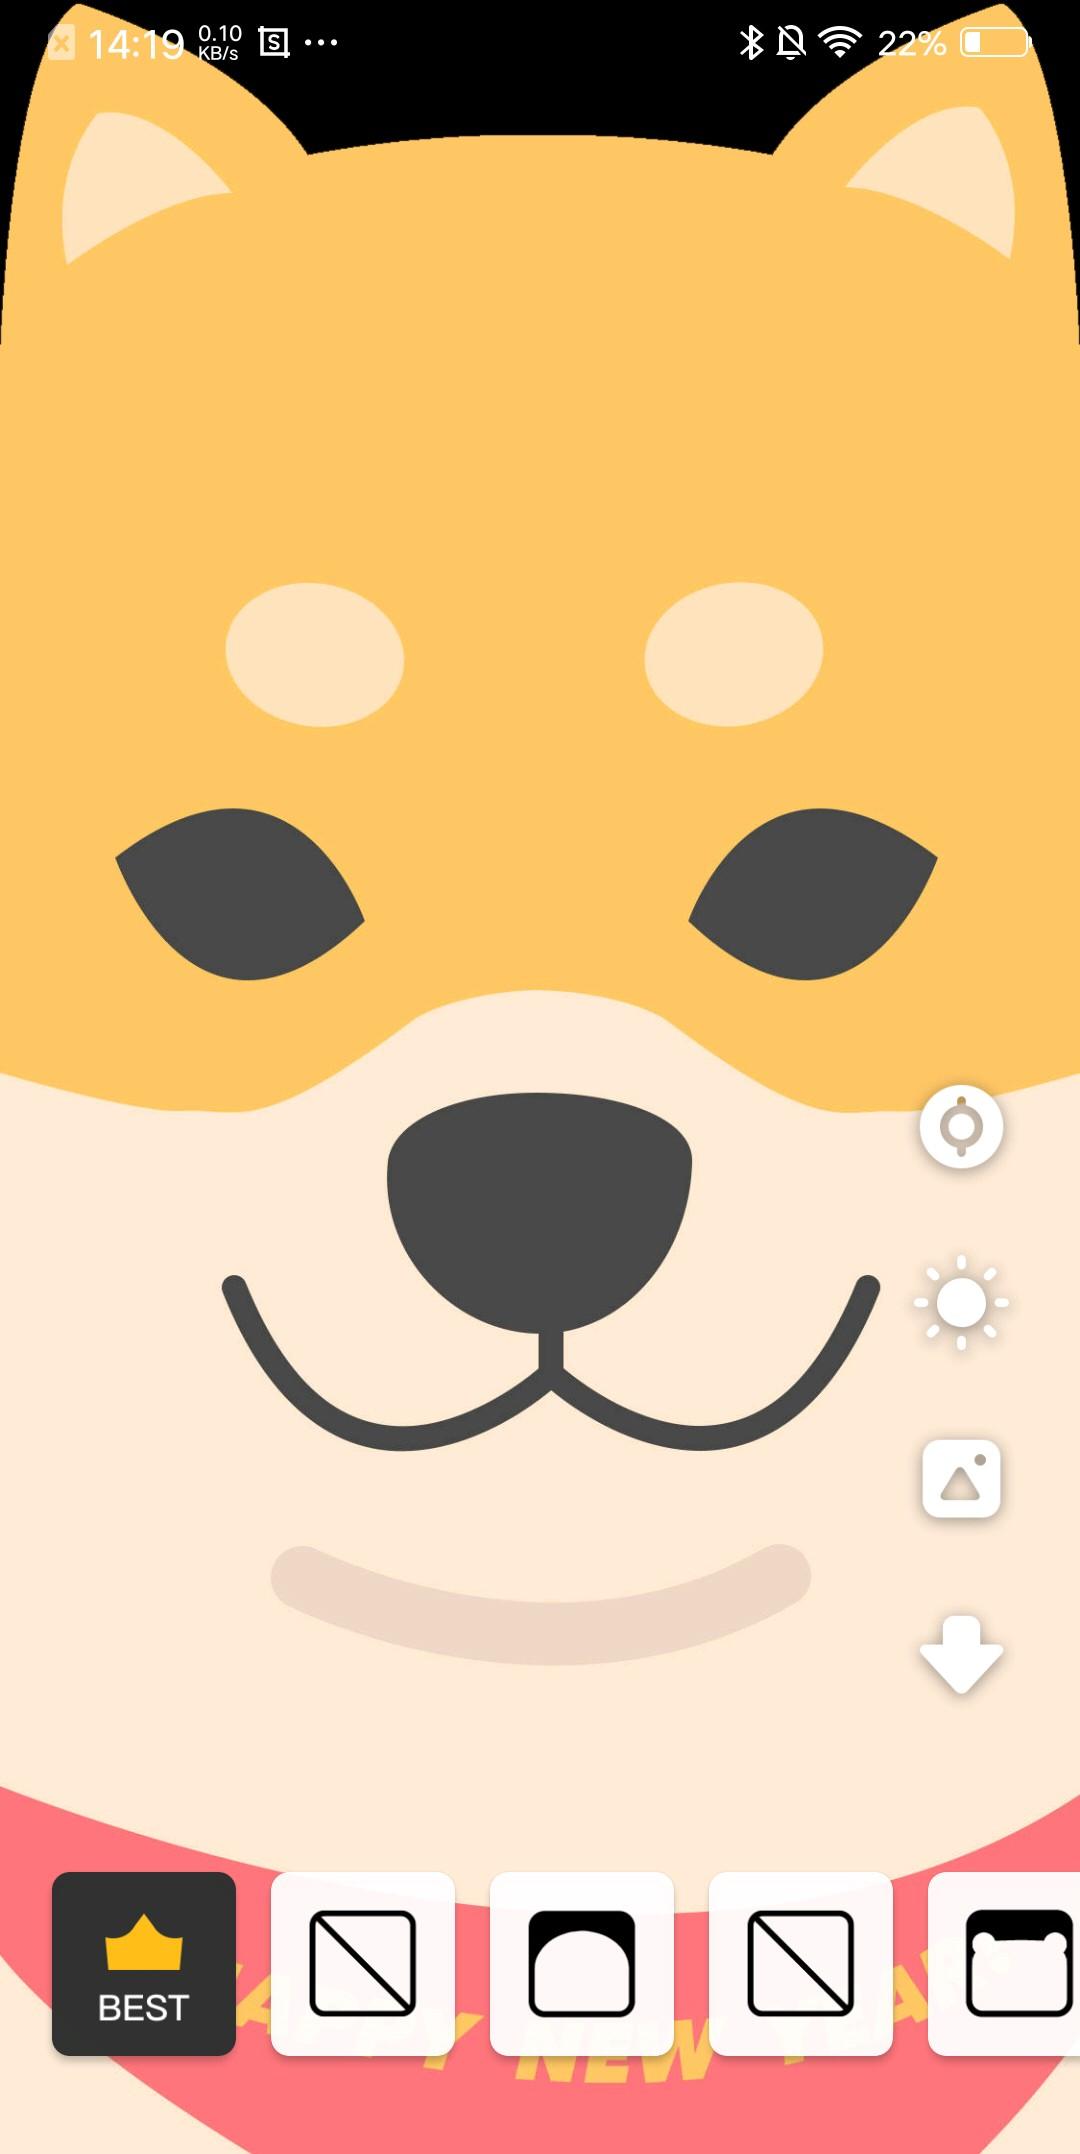 作为一个刘海屏有深深怨念的刘海屏手机用户,这里面做的耳朵模板简直图片